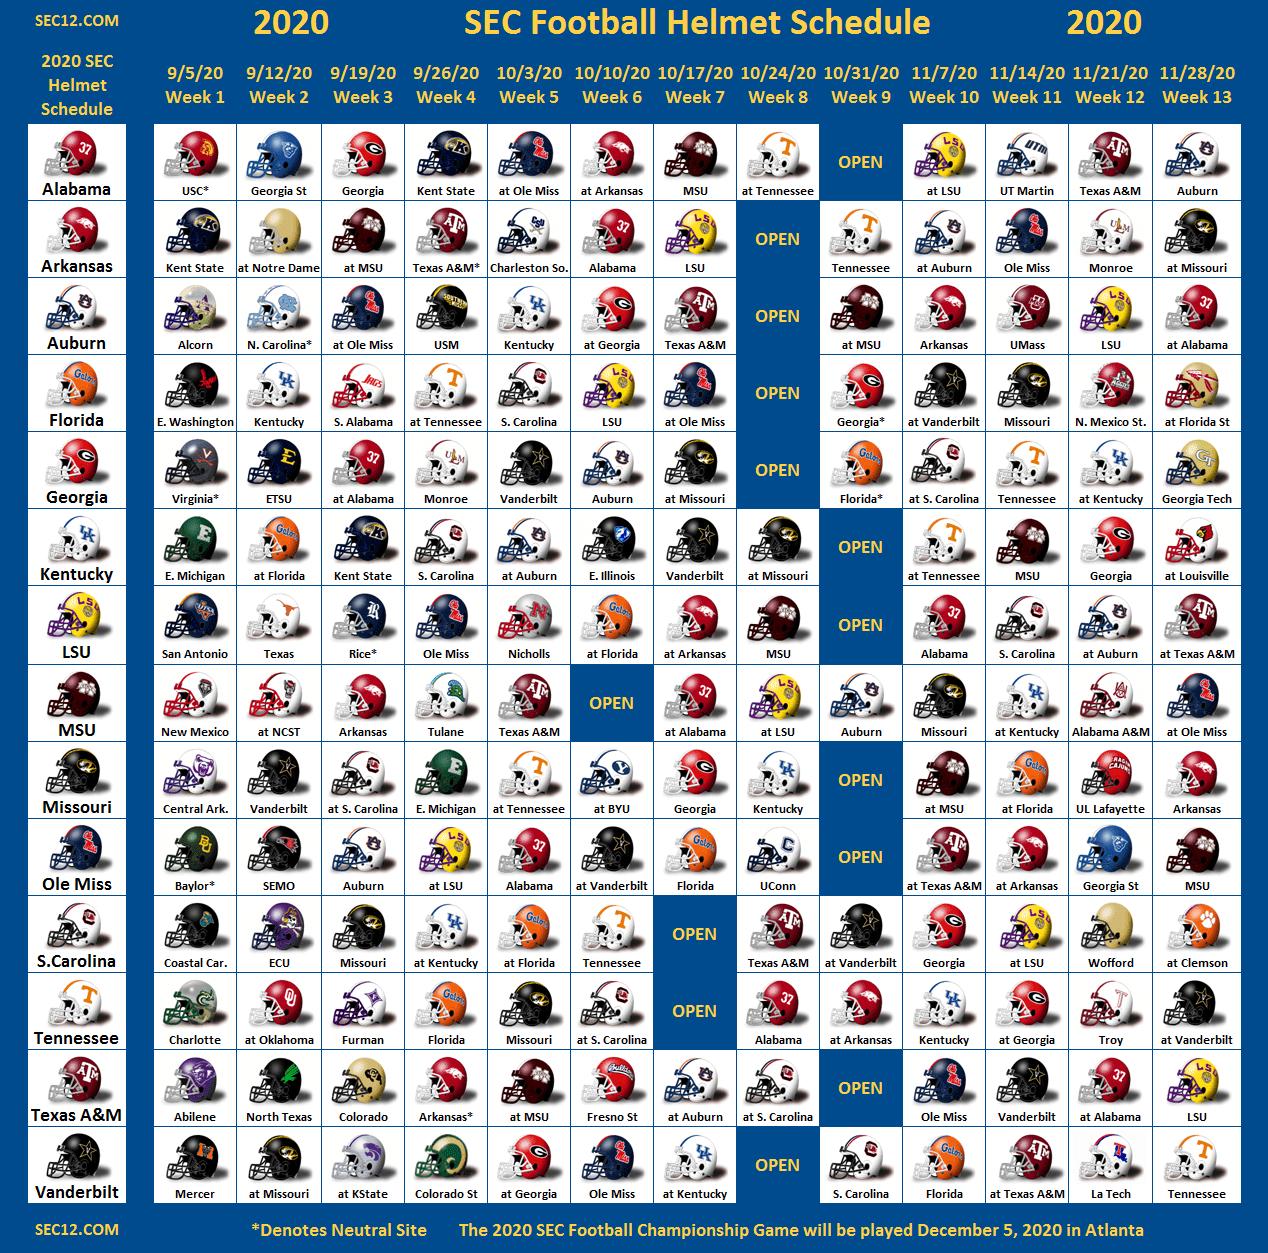 2020 SEC Football Helmet Schedule SEC12 SEC Football